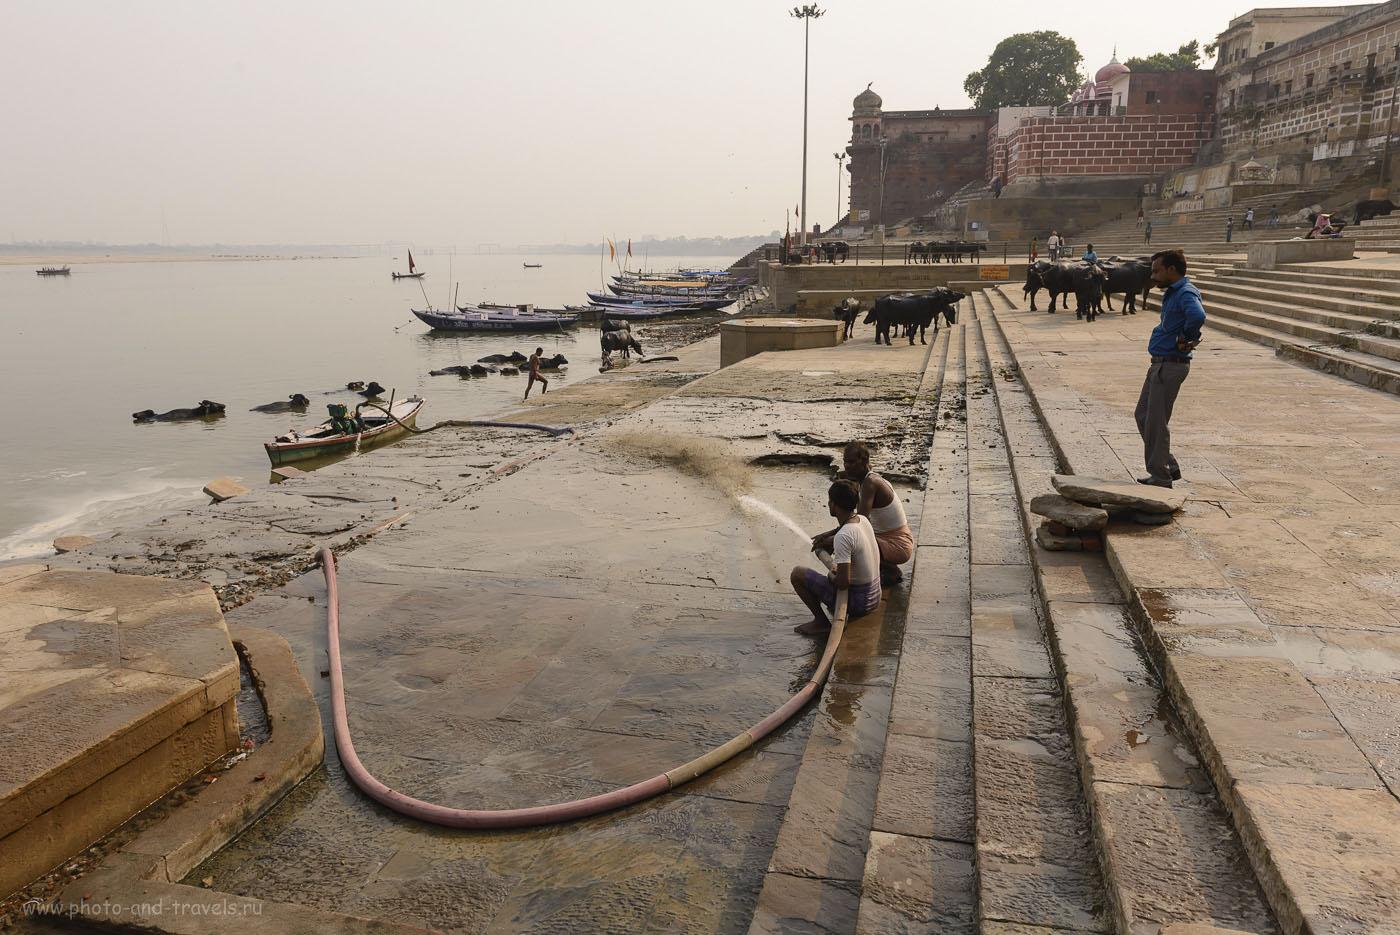 Фото 4. Самостоятельная поездка в Индию. Прогулка по гхатам реки Ганга в Варанаси. 1/1250, 9.0, 125, 24.